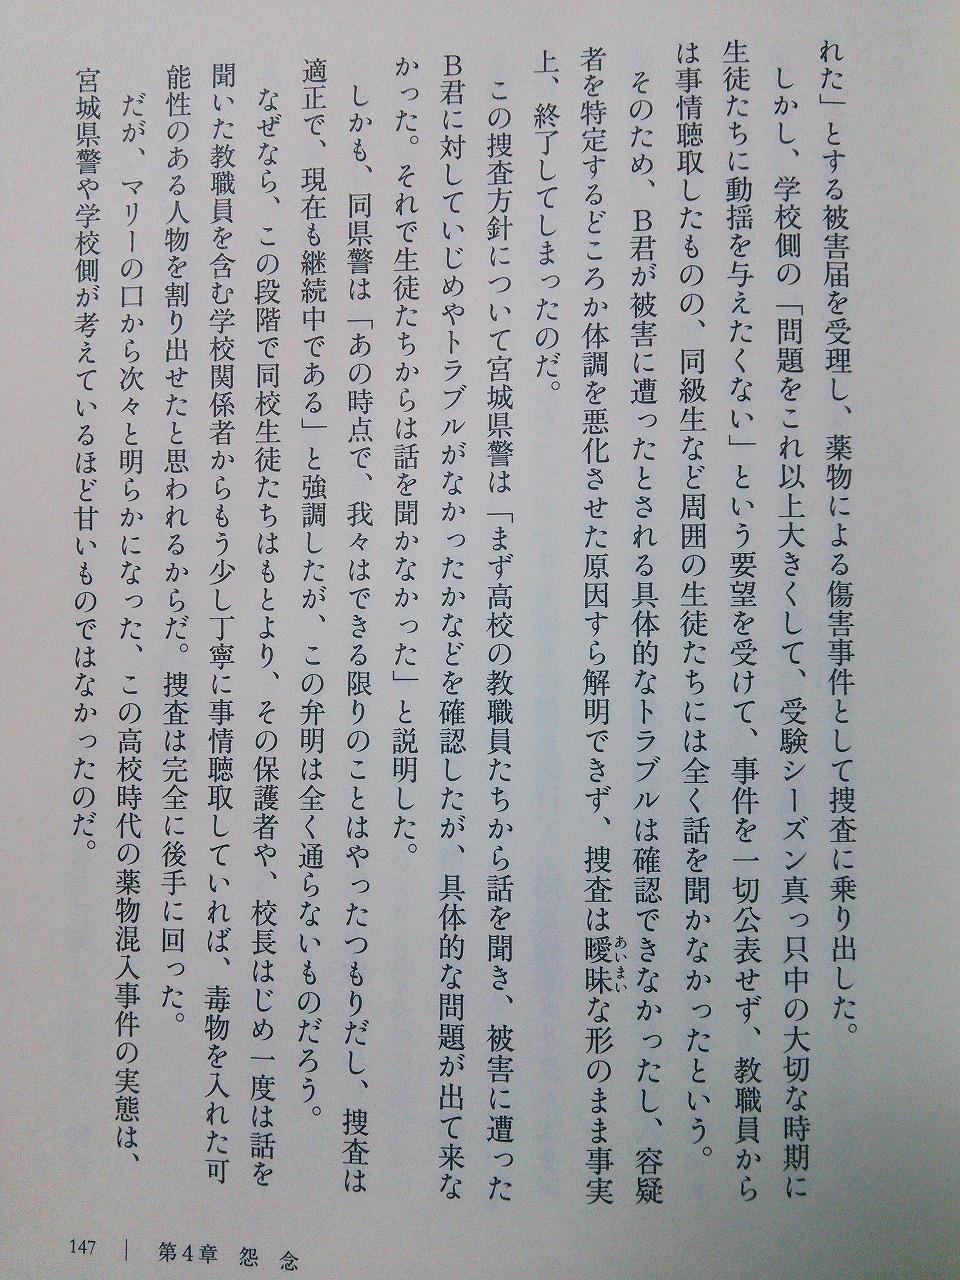 ⑧【殺人鬼万里亜】弁護士 裁判官 傍聴人 皆 殺したい!